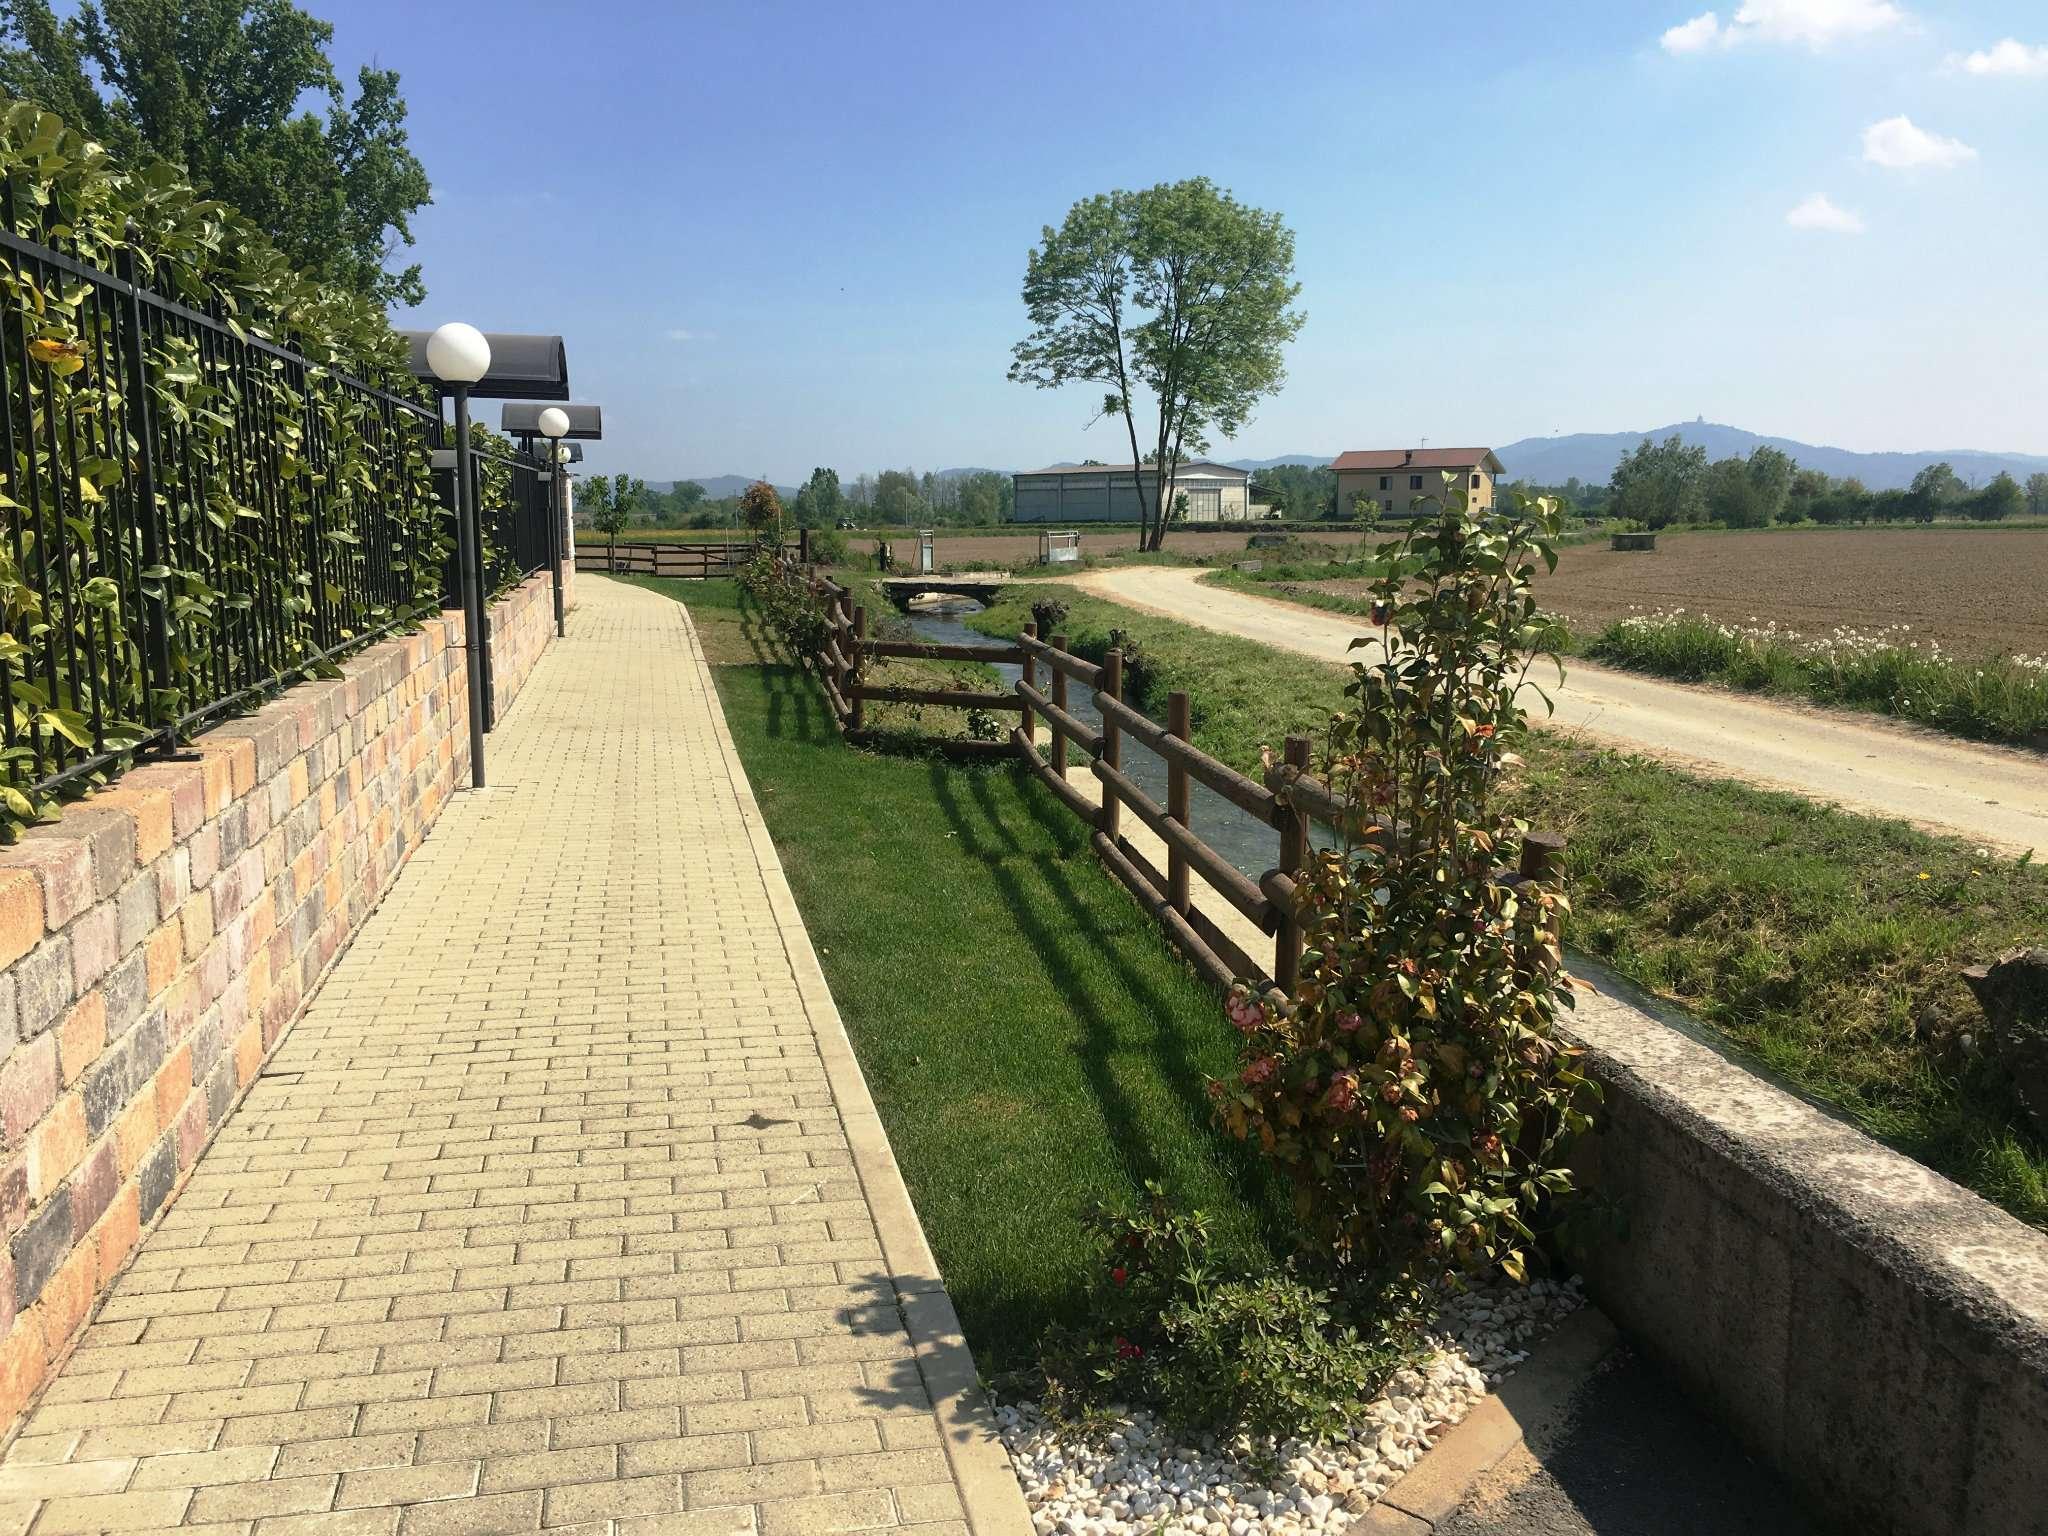 Villa Bifamiliare in vendita a Leini, 9999 locali, prezzo € 268.000 | CambioCasa.it